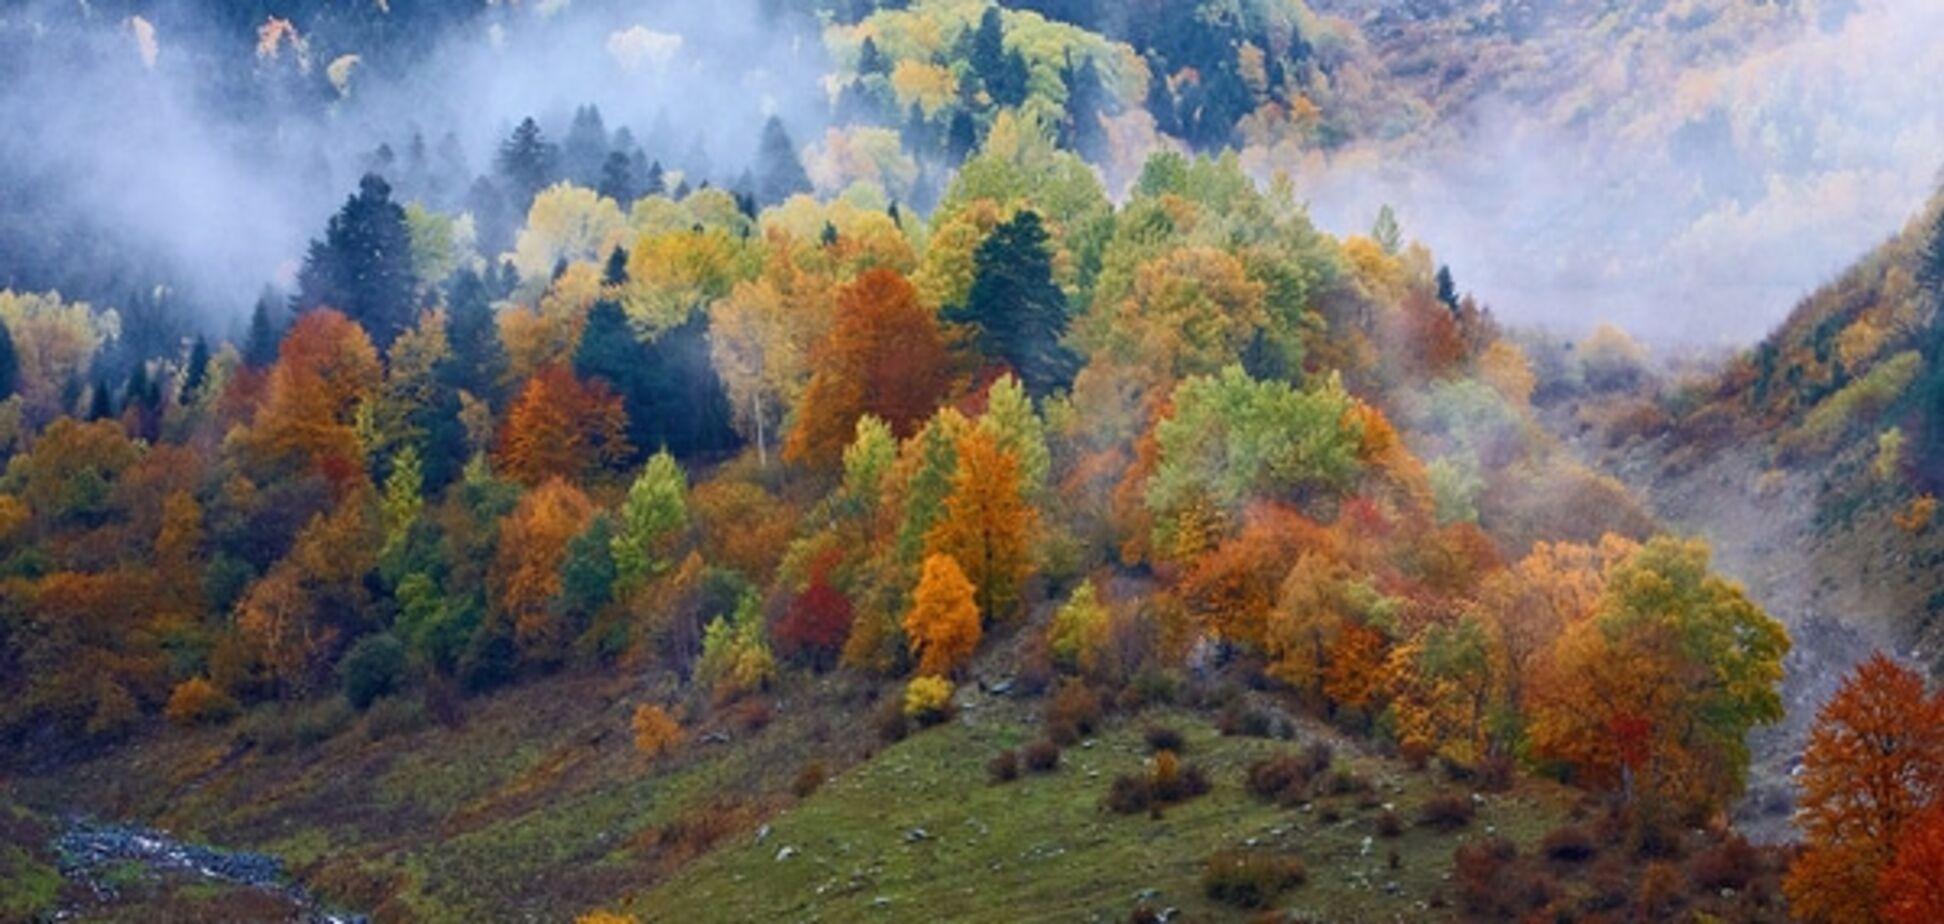 10 ідей осіннього відпочинку в Україні: Хеллоуїн з привидами та риболовля в Карпатах